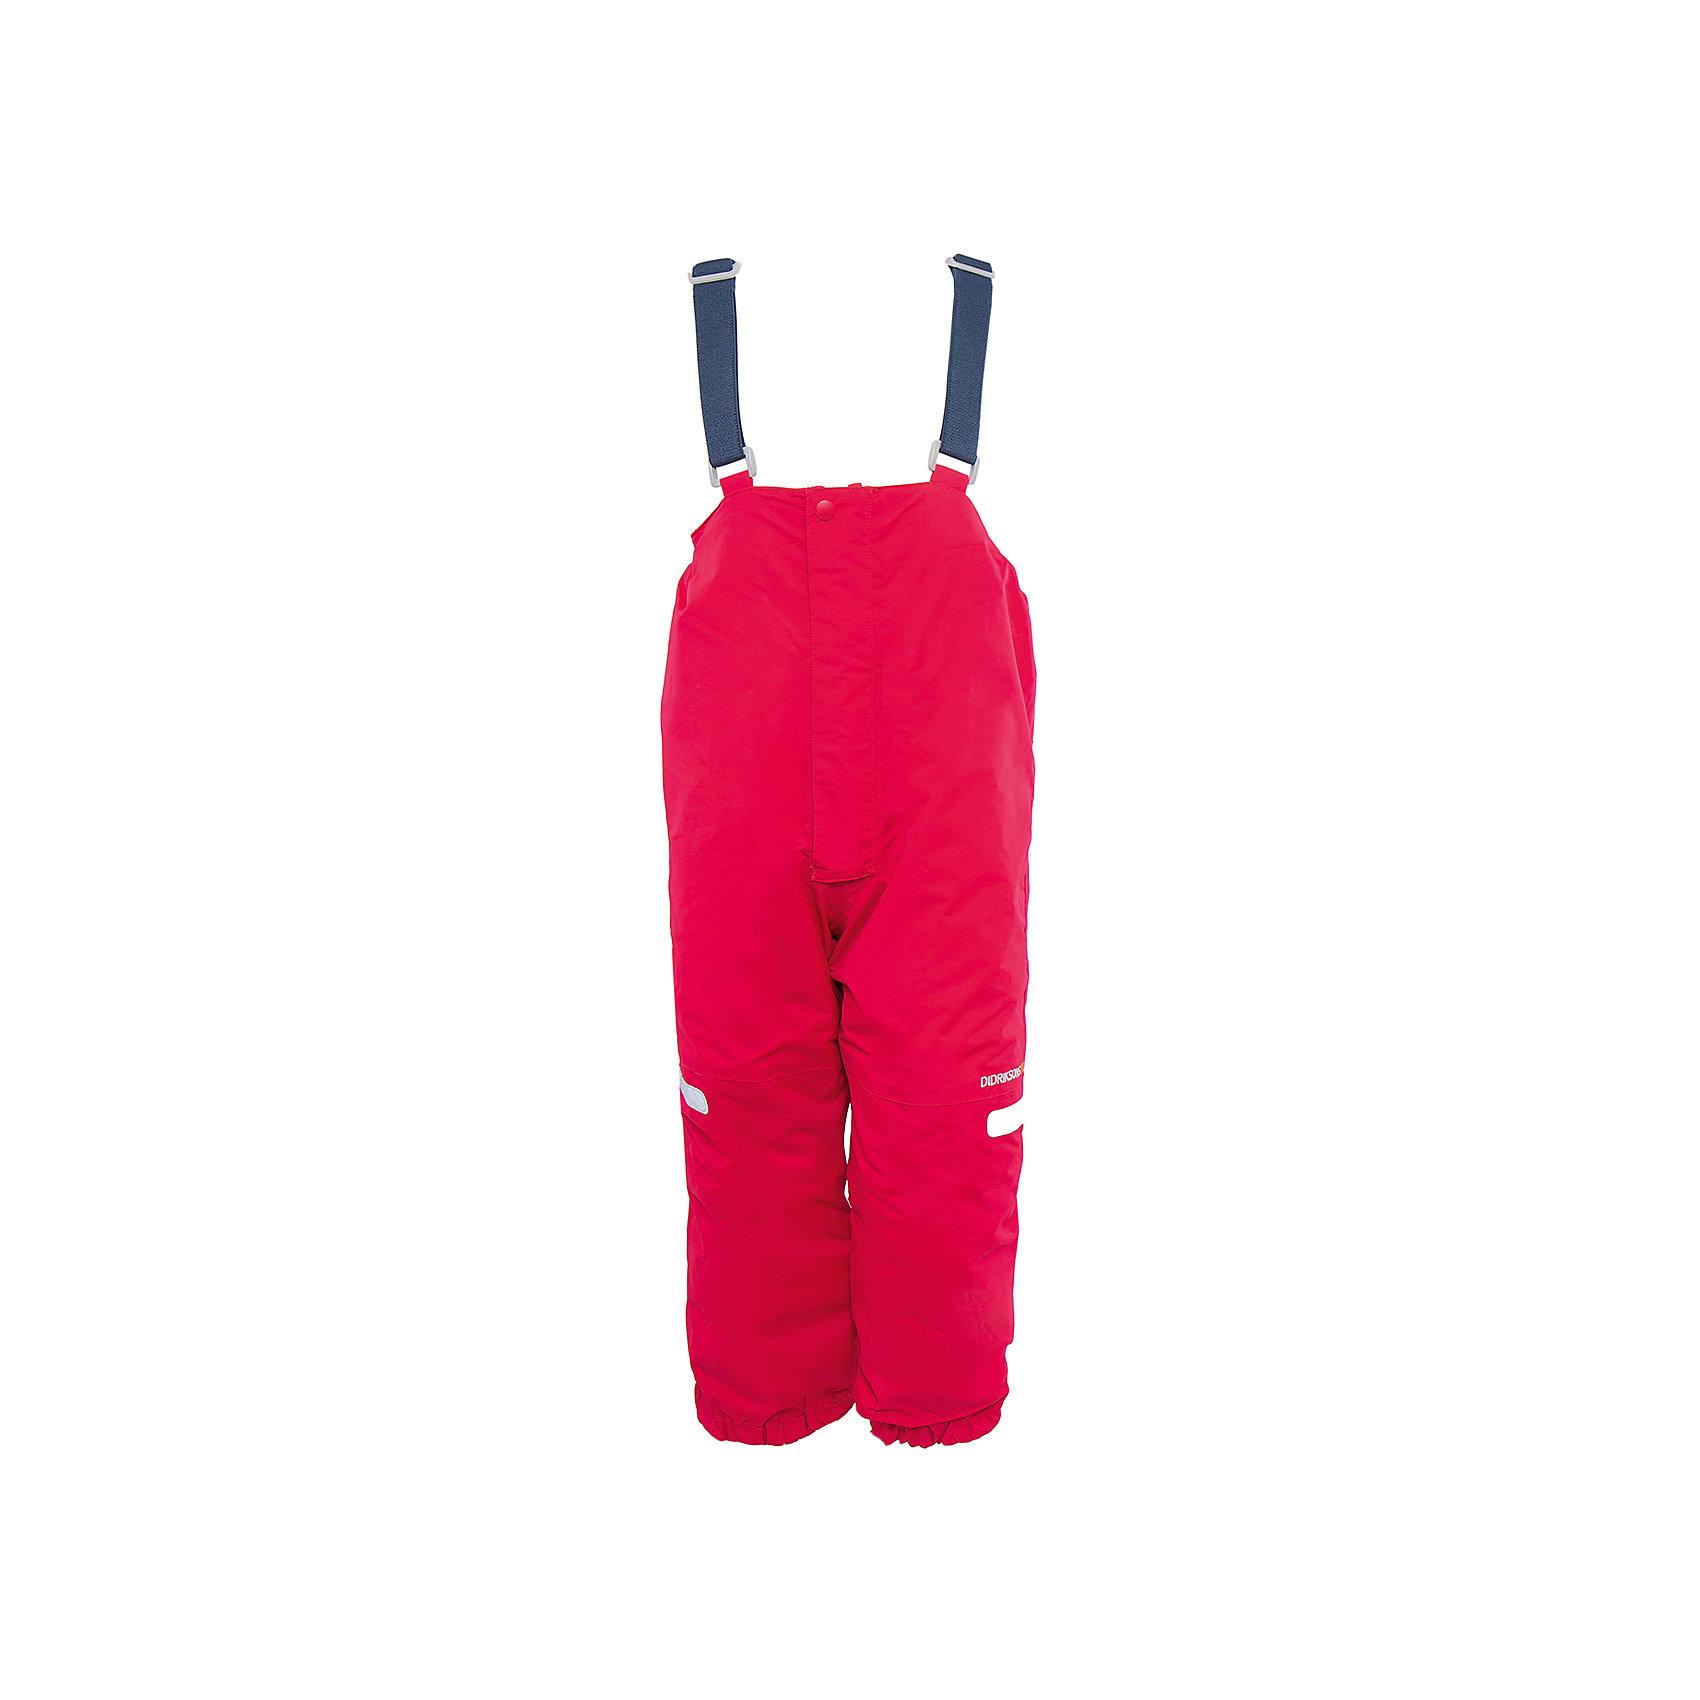 Брюки Ayasha для девочки DIDRIKSONSВерхняя одежда<br>Характеристики товара:<br><br>• цвет: розовый<br>• материал: 100% полиамид, подкладка 100% полиэстер<br>• утеплитель: 120 г/м<br>• сезон: зима<br>• температурный режим от +5 до -20С<br>• непромокаемая и непродуваемая мембранная ткань<br>• дополнительная пропитка верха<br>• прокленные швы<br>• талия и низ штанин регулируется<br>• внутренние гетры<br>• ширинка на молнии<br>• светоотражающие детали<br>• можно увеличить длину штанин на один размер <br>• страна бренда: Швеция<br>• страна производства: Китай<br><br>Такие брюки незаменимы в холодную и сырую погоду! Это не только стильно, но еще и очень комфортно, а также тепло. Они обеспечат ребенку удобство при прогулках и активном отдыхе зимой. Брюки от шведского производителя легко трансформируются под рост ребенка и погодные условия.<br>Модель сшита из мембранной ткани, которая позволяет телу дышать, но при этом не промокает и не продувается. Очень стильная и удобная модель! Изделие качественно выполнено, сделано из безопасных для детей материалов. <br><br>Брюки для девочки от бренда DIDRIKSONS можно купить в нашем интернет-магазине.<br><br>Ширина мм: 215<br>Глубина мм: 88<br>Высота мм: 191<br>Вес г: 336<br>Цвет: розовый<br>Возраст от месяцев: 12<br>Возраст до месяцев: 15<br>Пол: Женский<br>Возраст: Детский<br>Размер: 80,110,100,90<br>SKU: 5003885